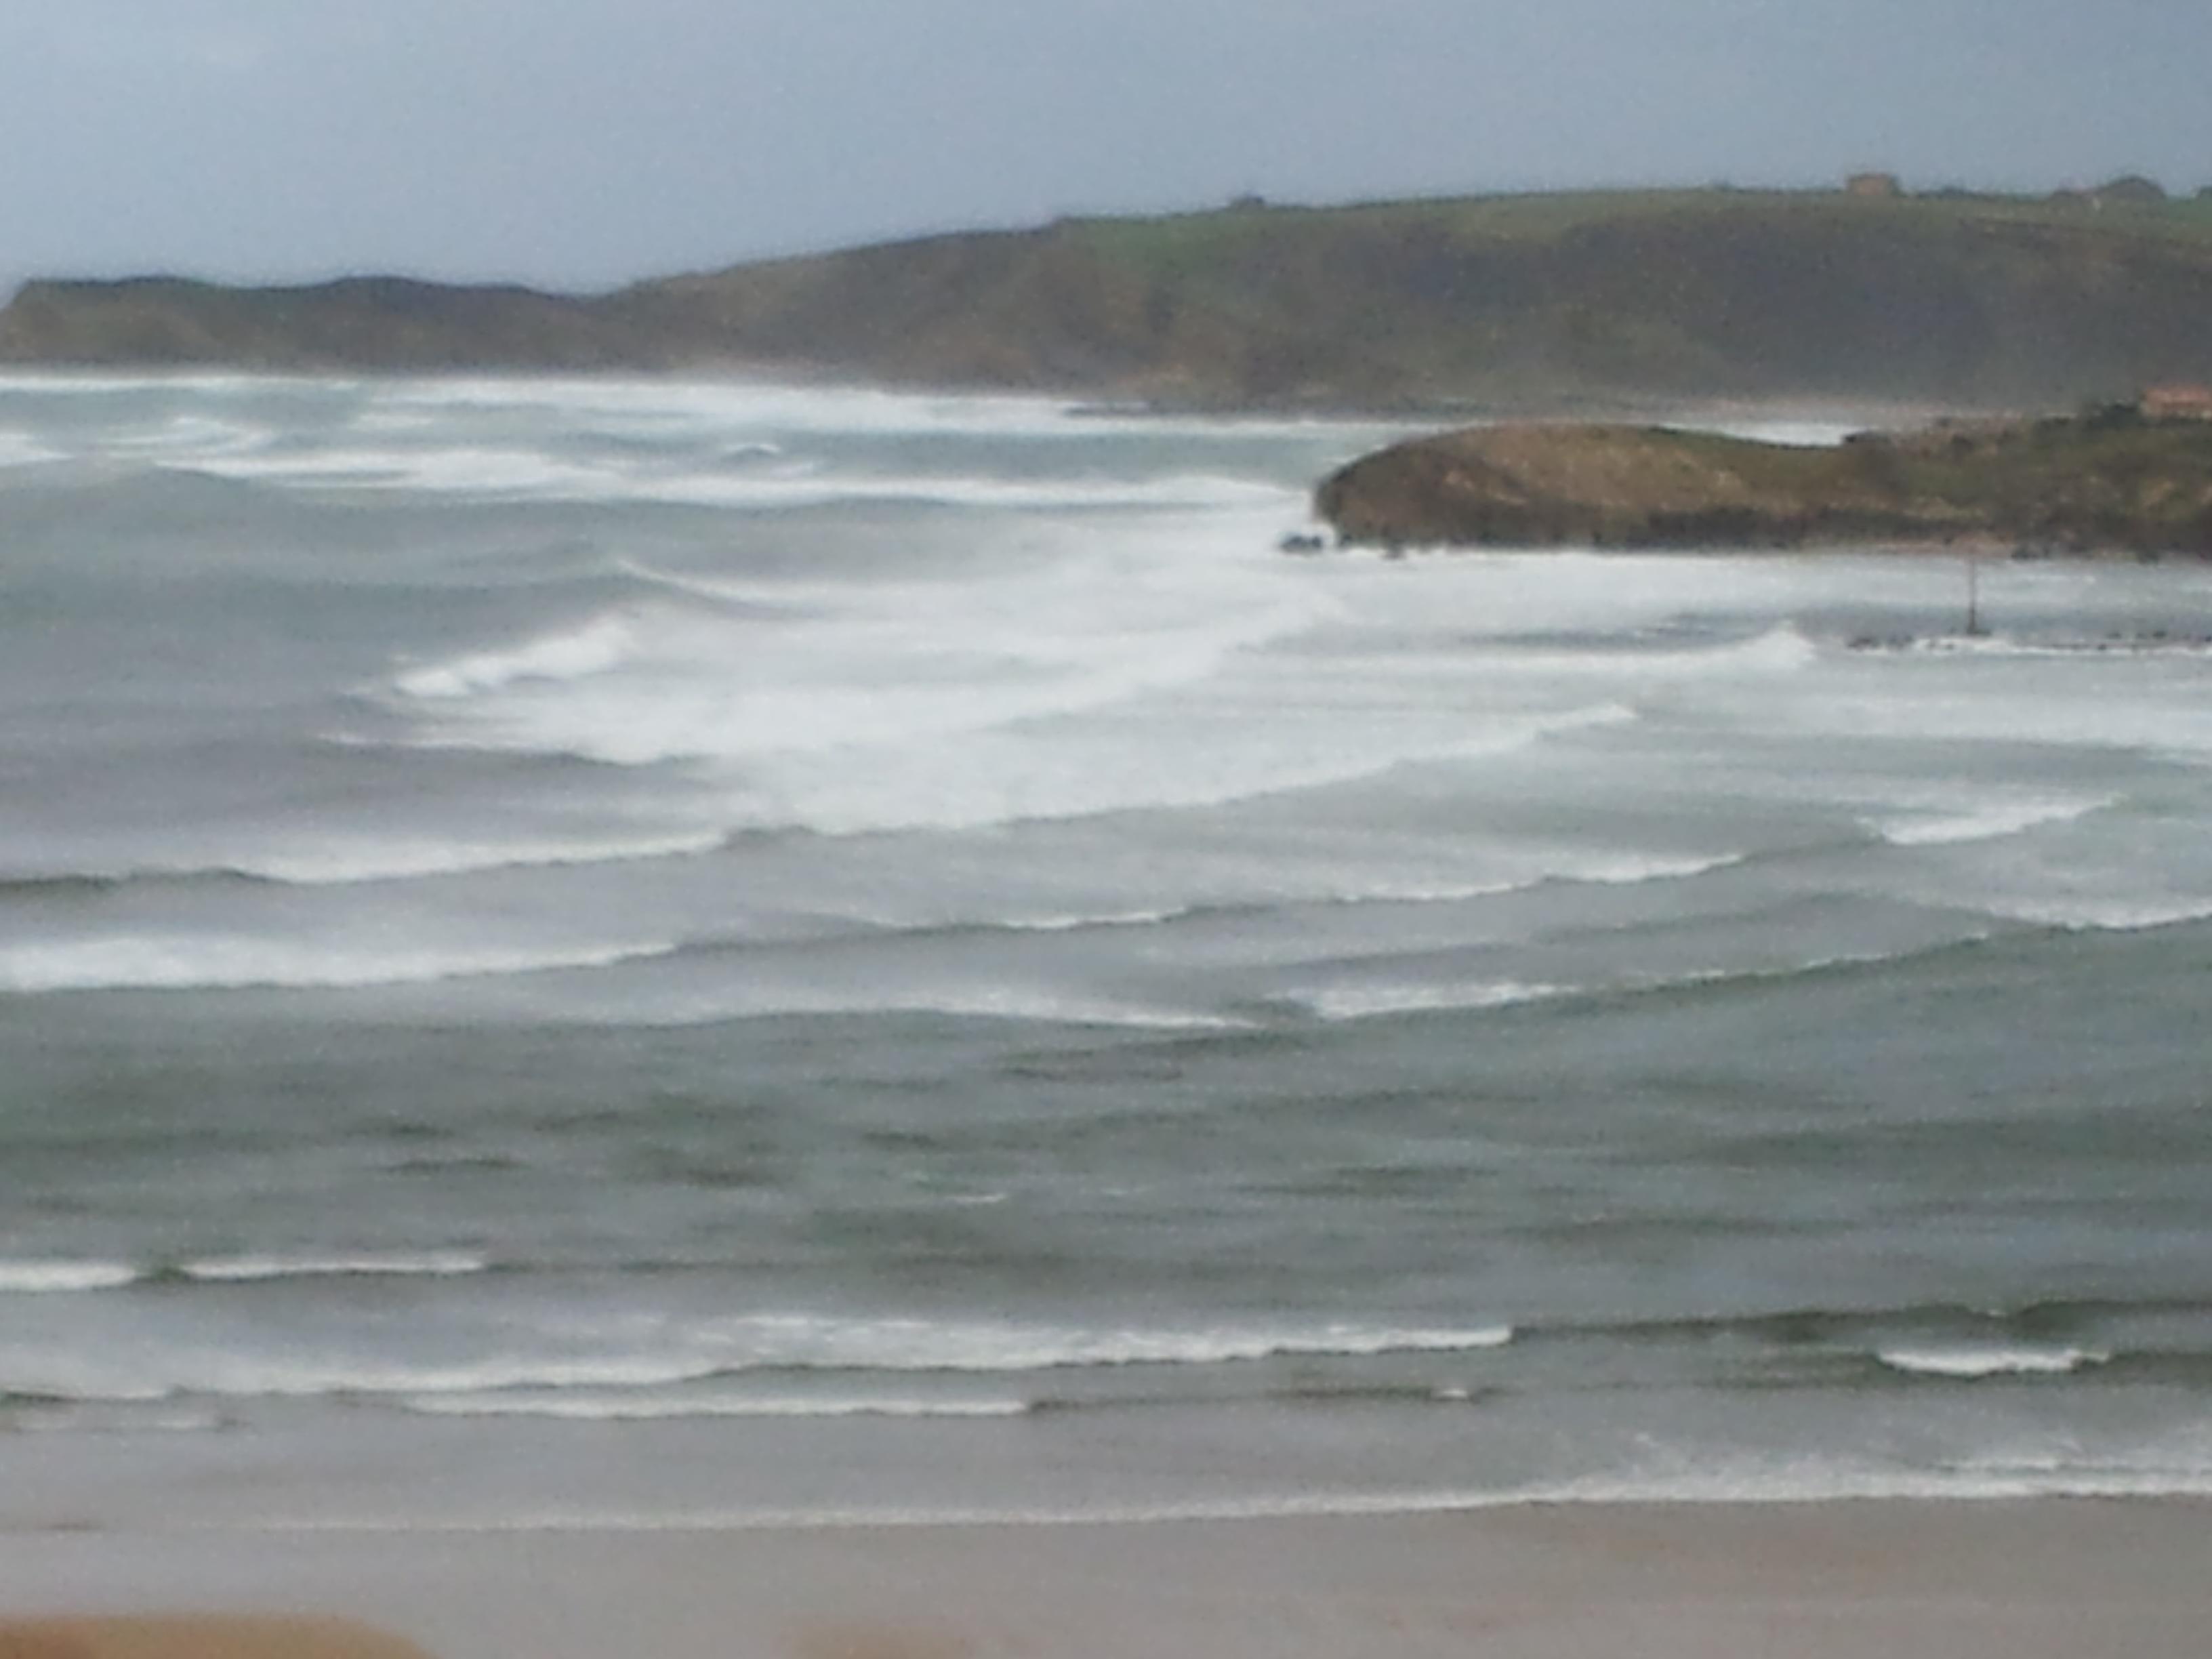 Cantabria seguirá este viernes en alerta naranja por fuerte oleaje